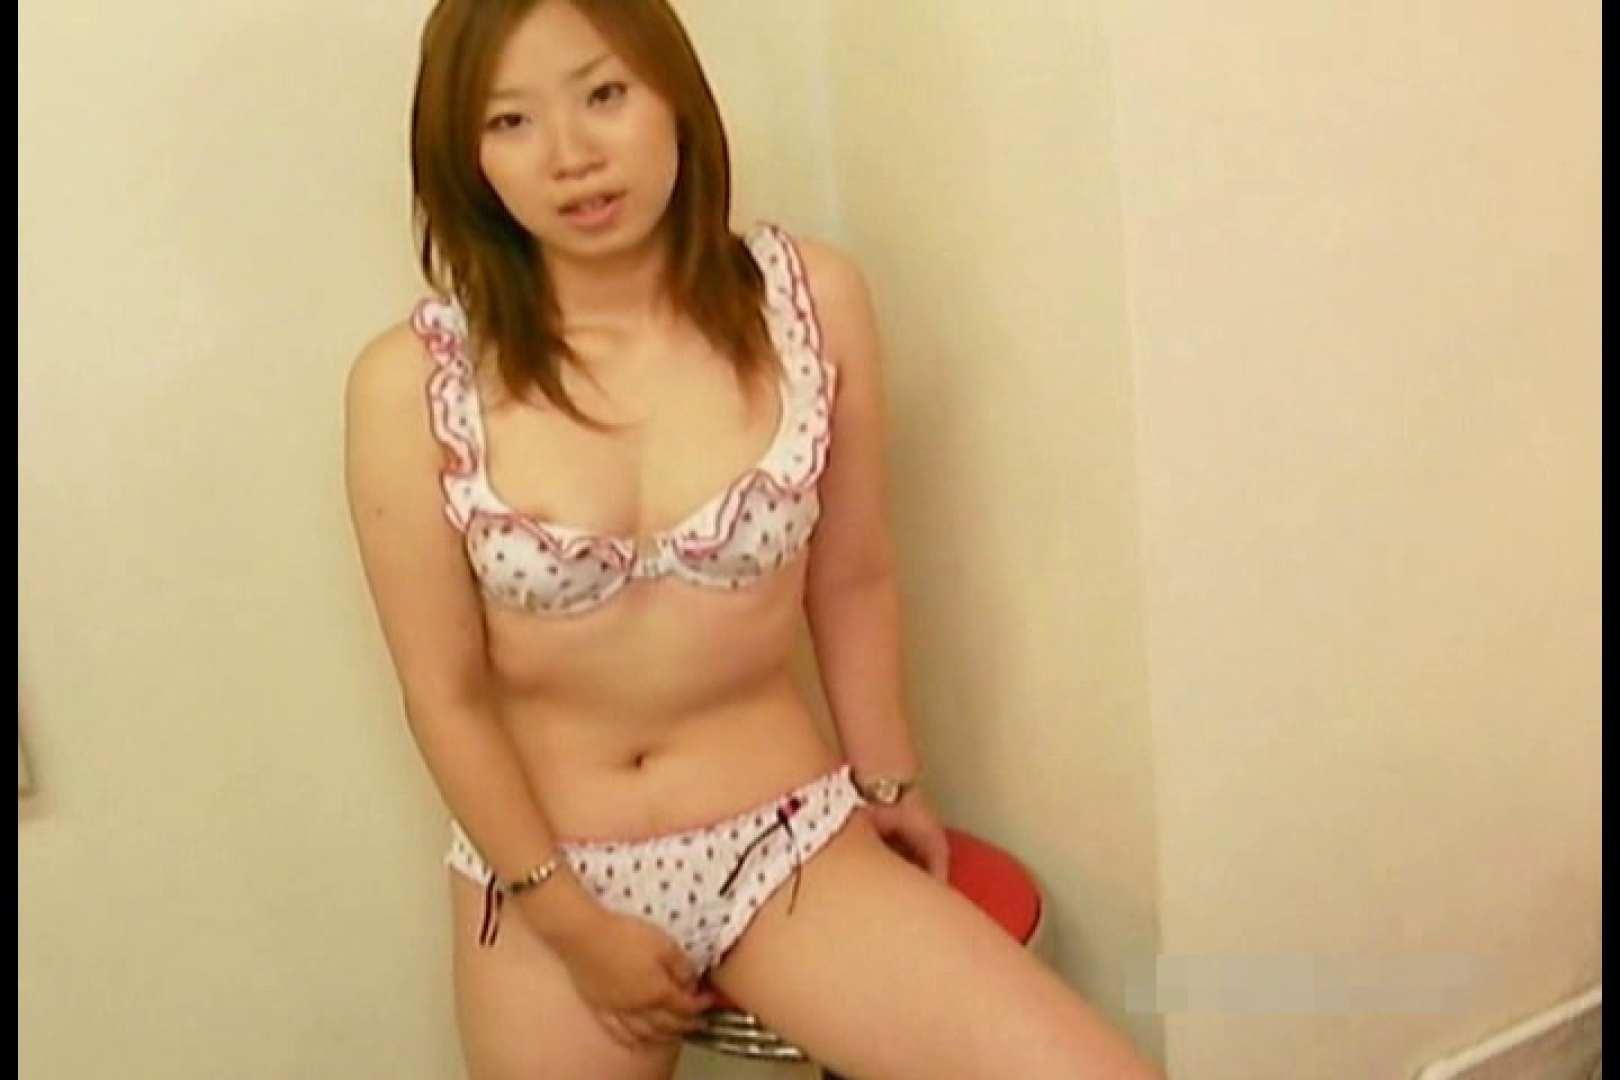 素人撮影 下着だけの撮影のはずが・・・愛22歳 ギャル達のおっぱい | 隠撮  109画像 42